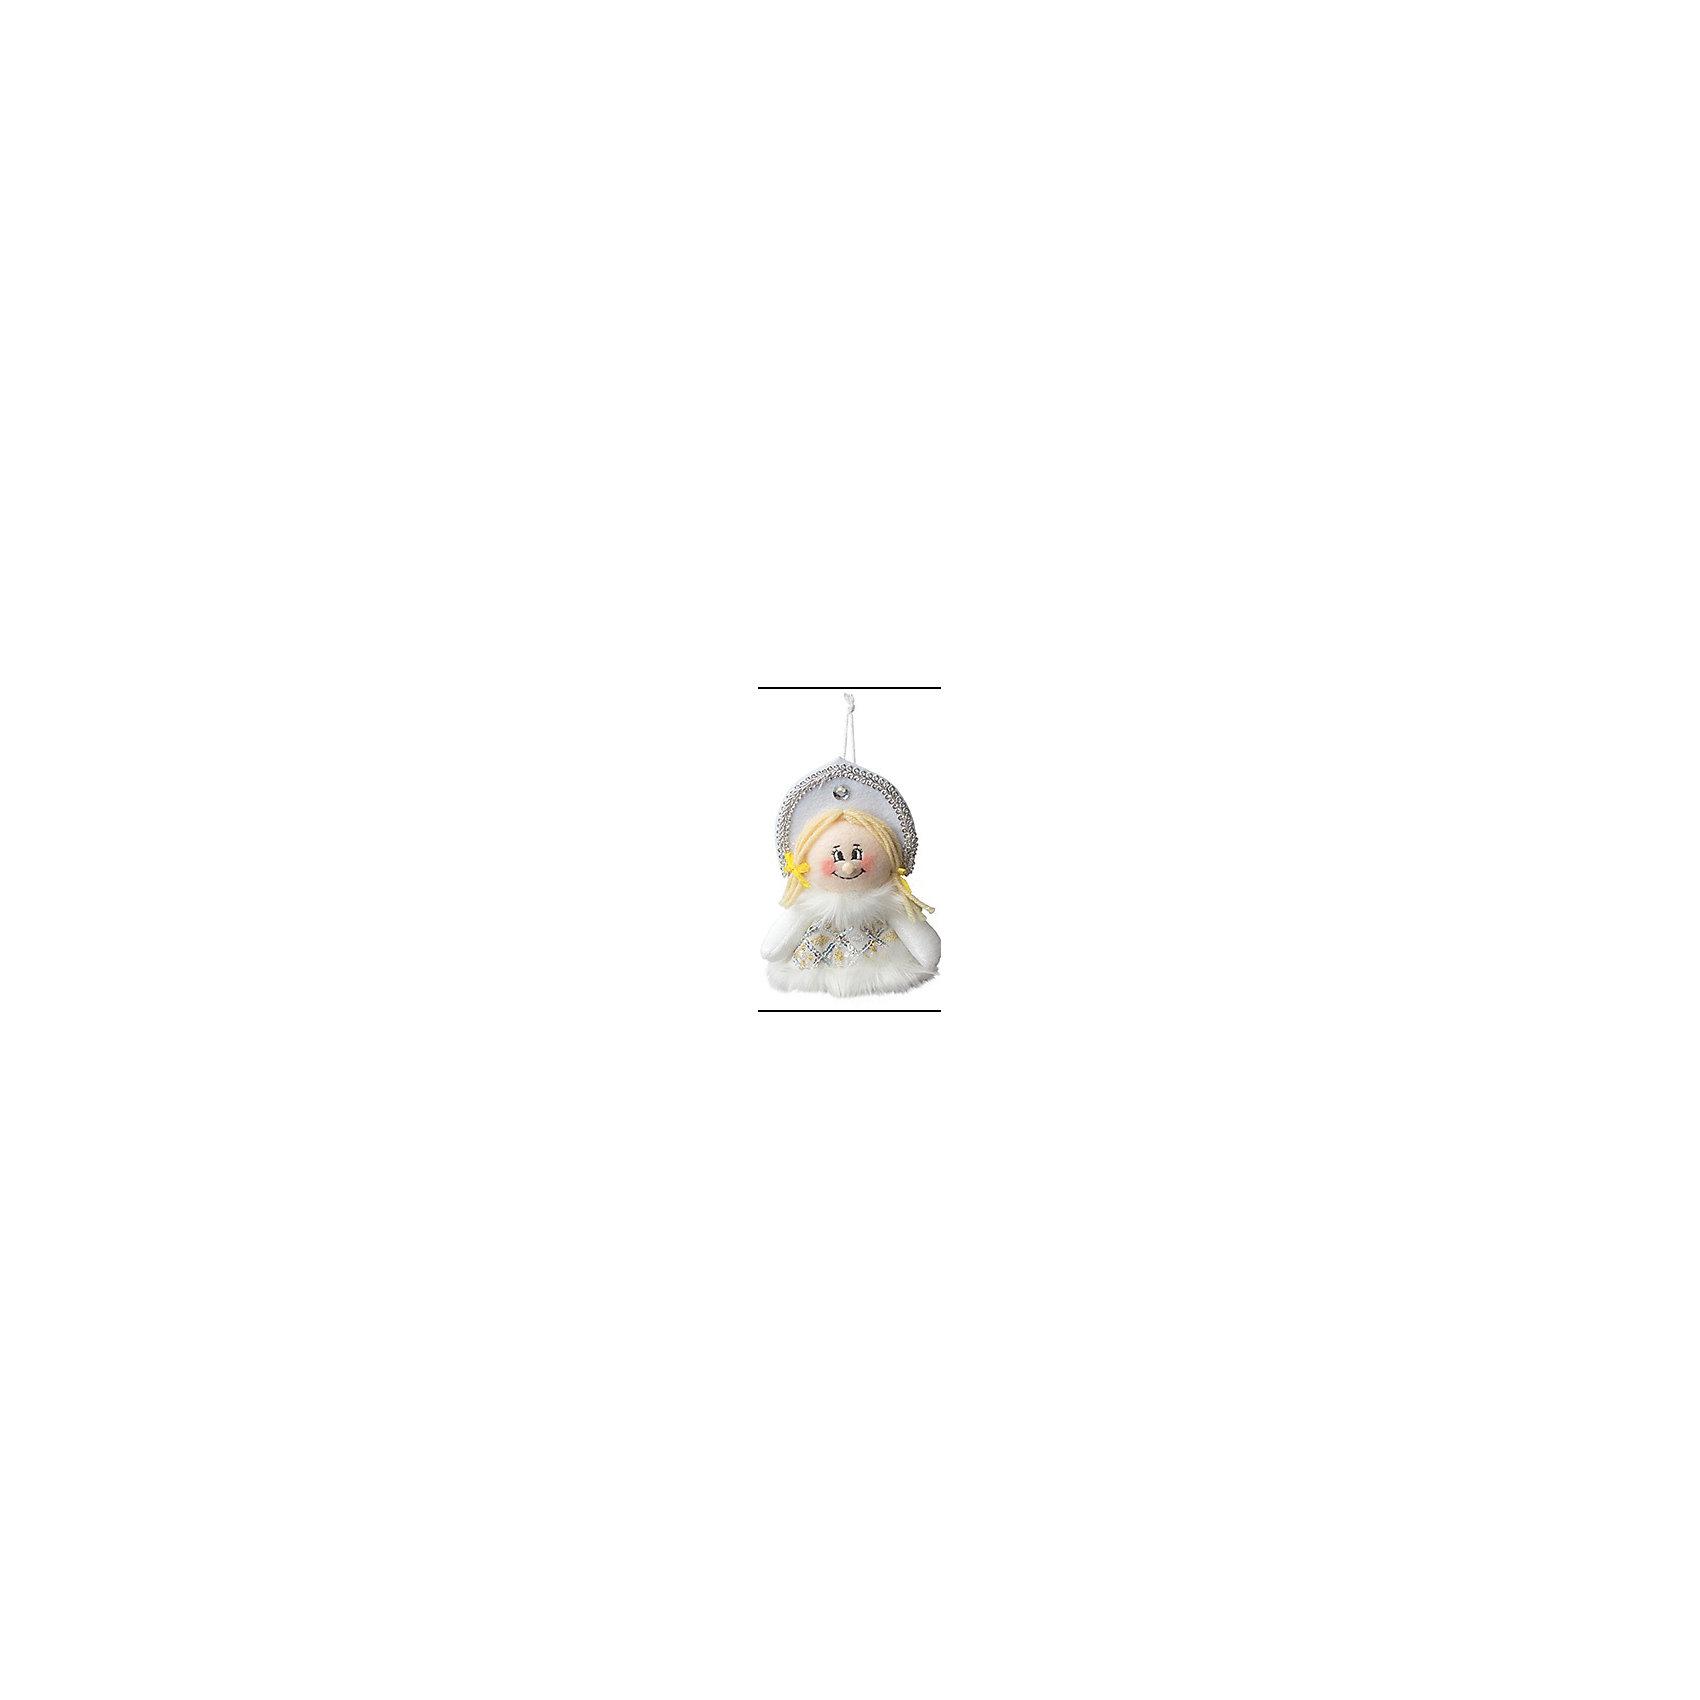 Украшение Снегурочка 18 см, сереброиз текстильных материалов, с элементами из меха, полимерных материалов ел.укр. СНЕГУРОЧКА 18см, серебро<br><br>Ширина мм: 18<br>Глубина мм: 16<br>Высота мм: 16<br>Вес г: 100<br>Возраст от месяцев: 36<br>Возраст до месяцев: 2147483647<br>Пол: Унисекс<br>Возраст: Детский<br>SKU: 5101059